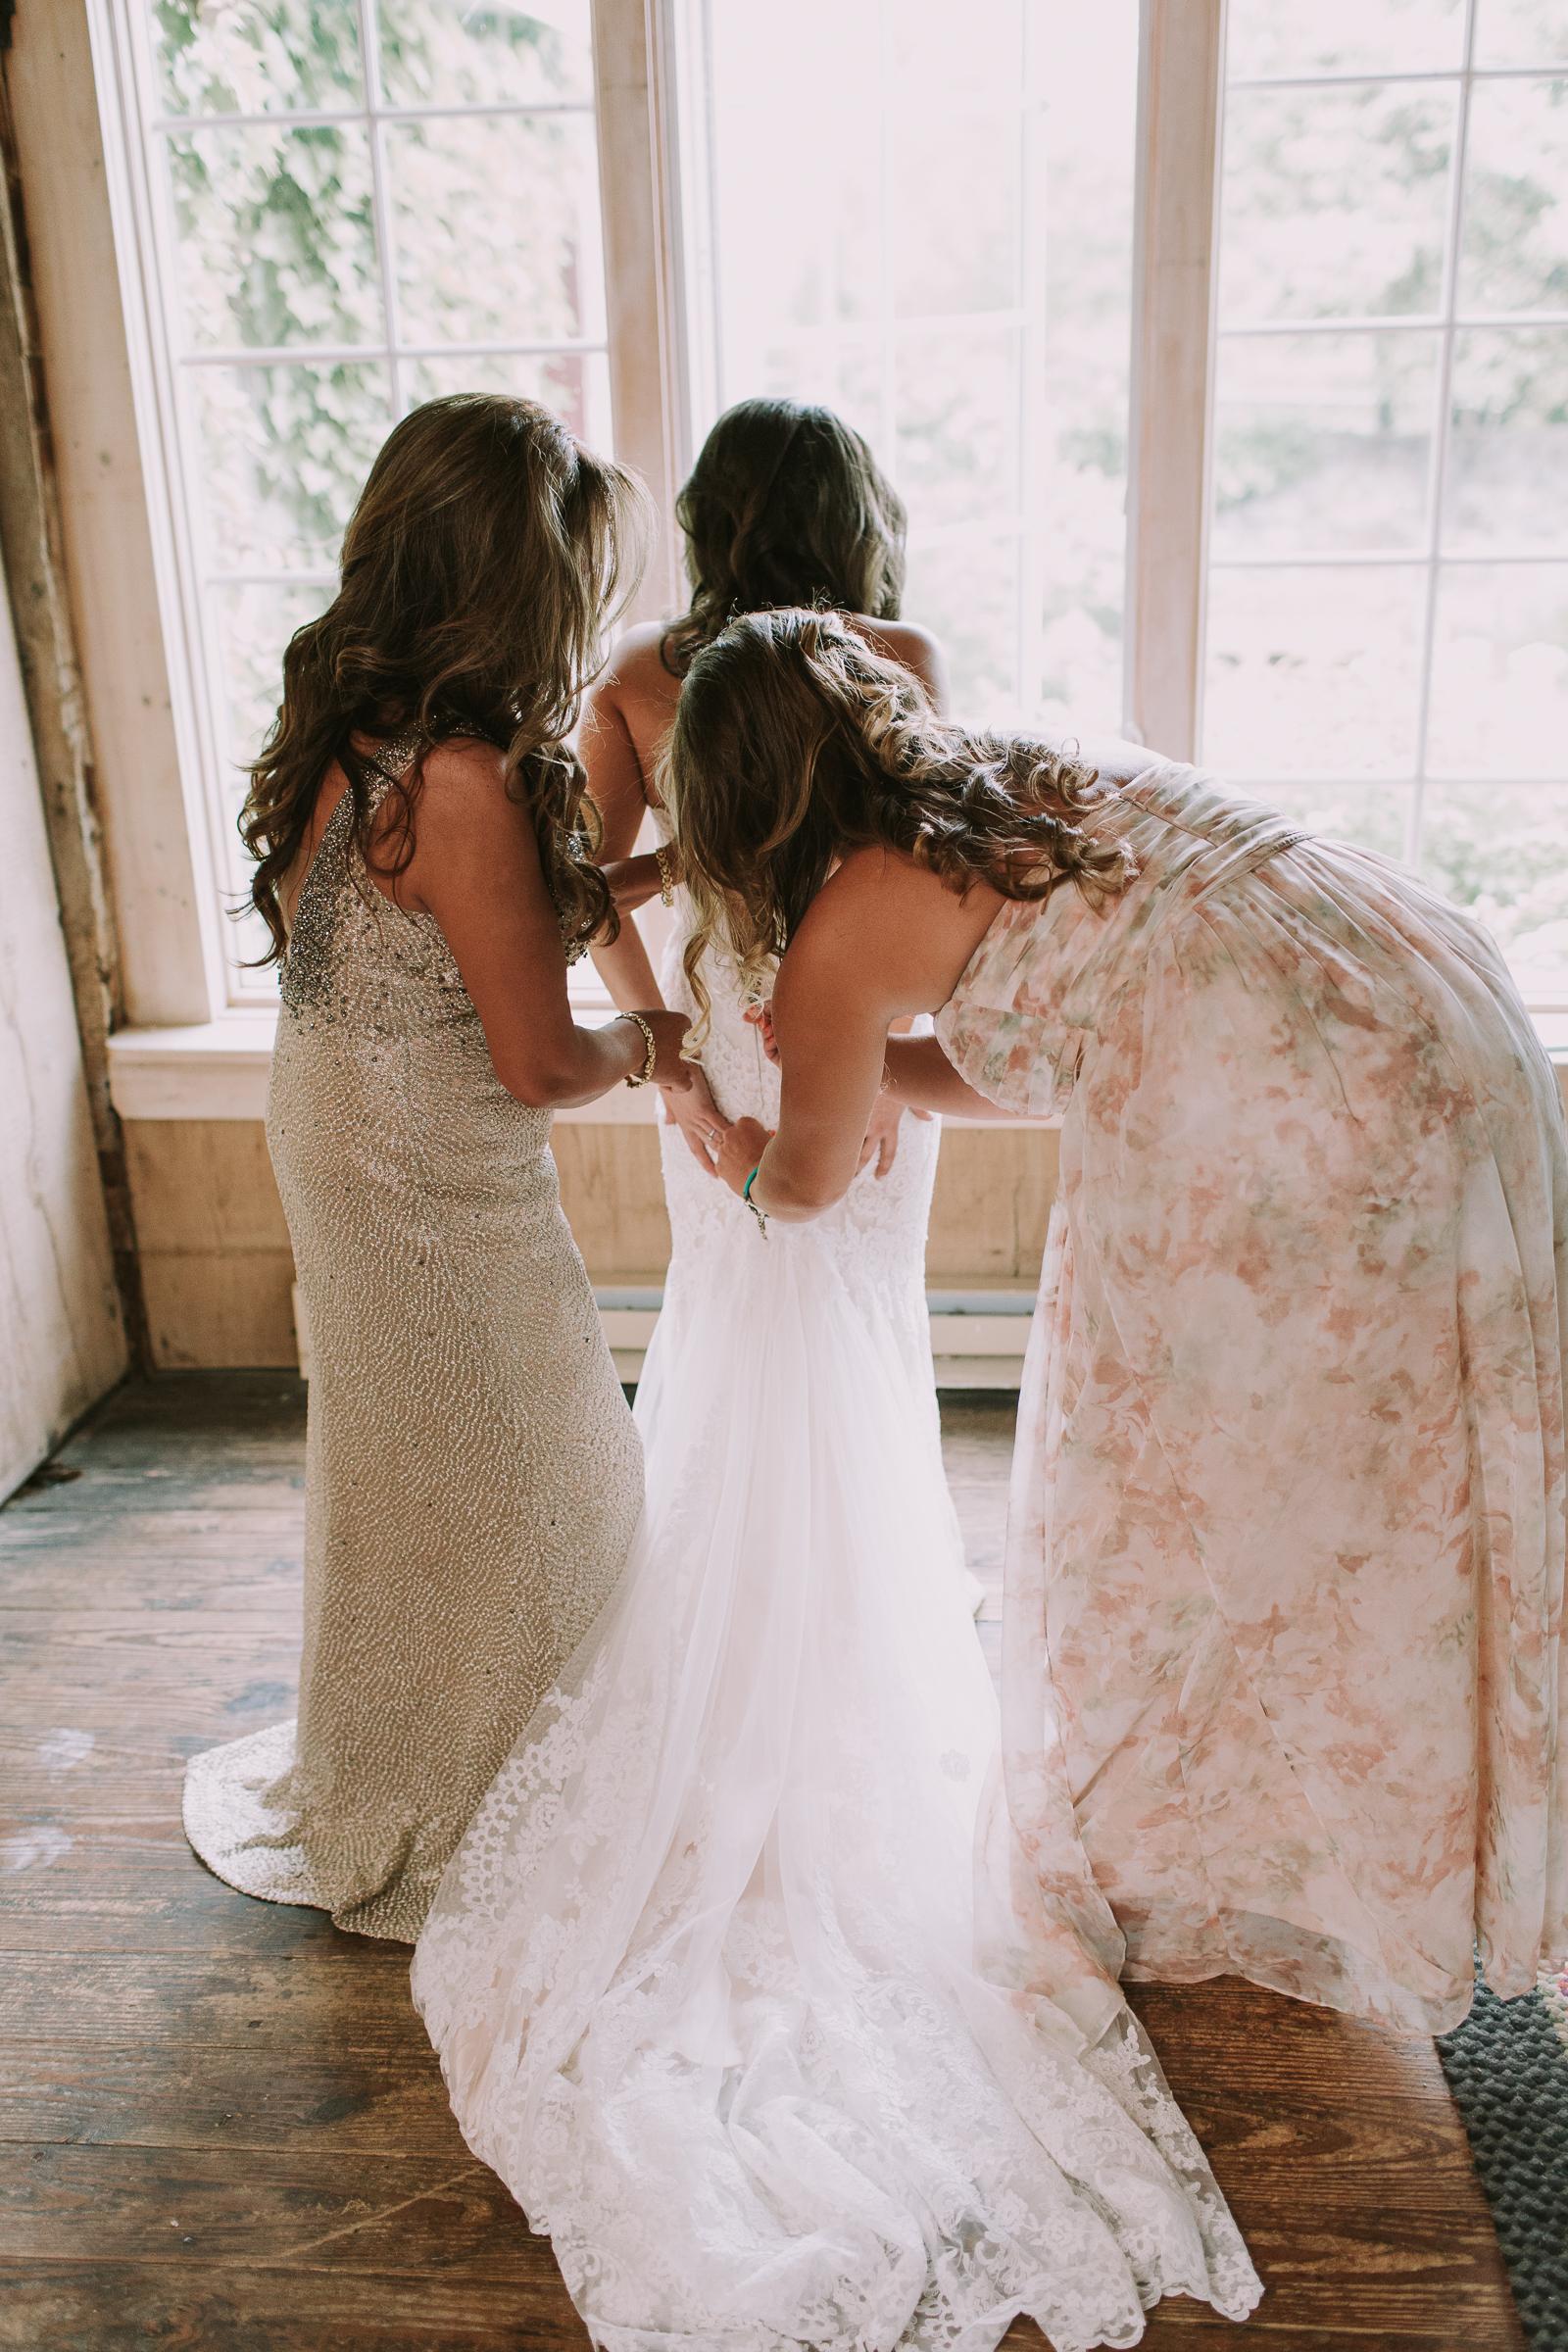 Crossed-Keys-Estate-Andover-NJ-Fine-Art-Documentary-Wedding-Photographer-24.jpg